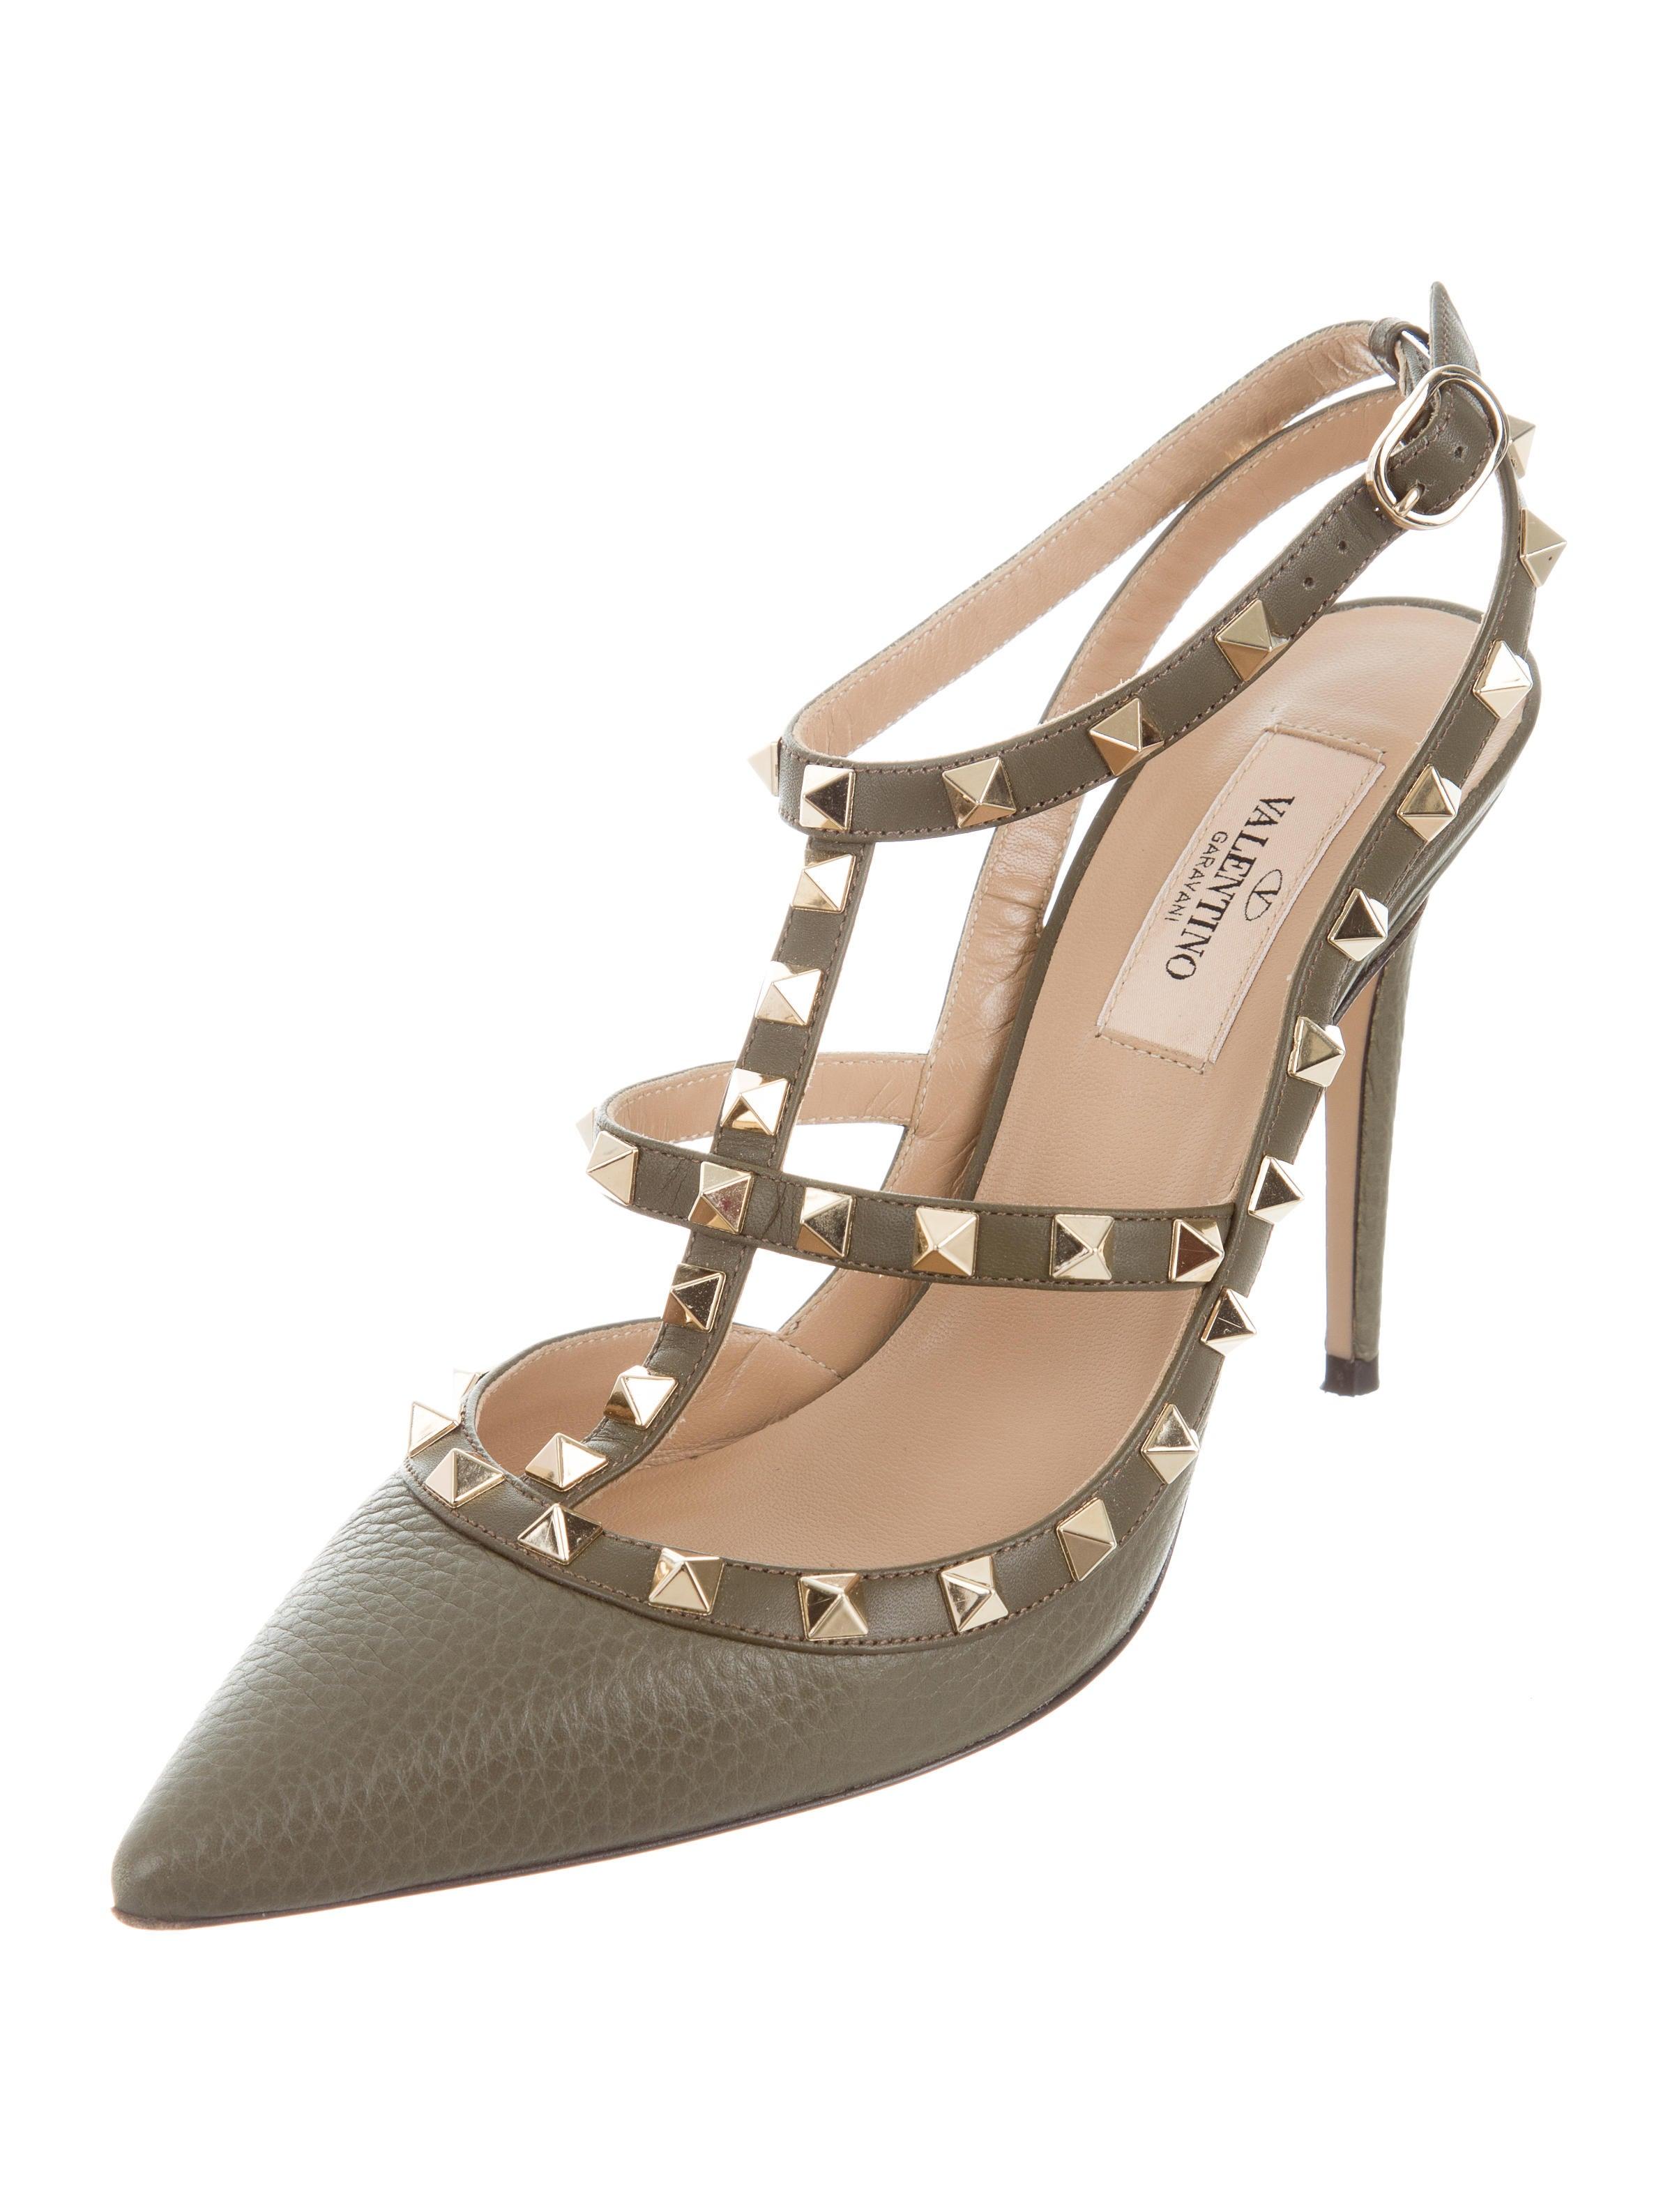 valentino rockstud ankle strap pumps shoes val65066. Black Bedroom Furniture Sets. Home Design Ideas